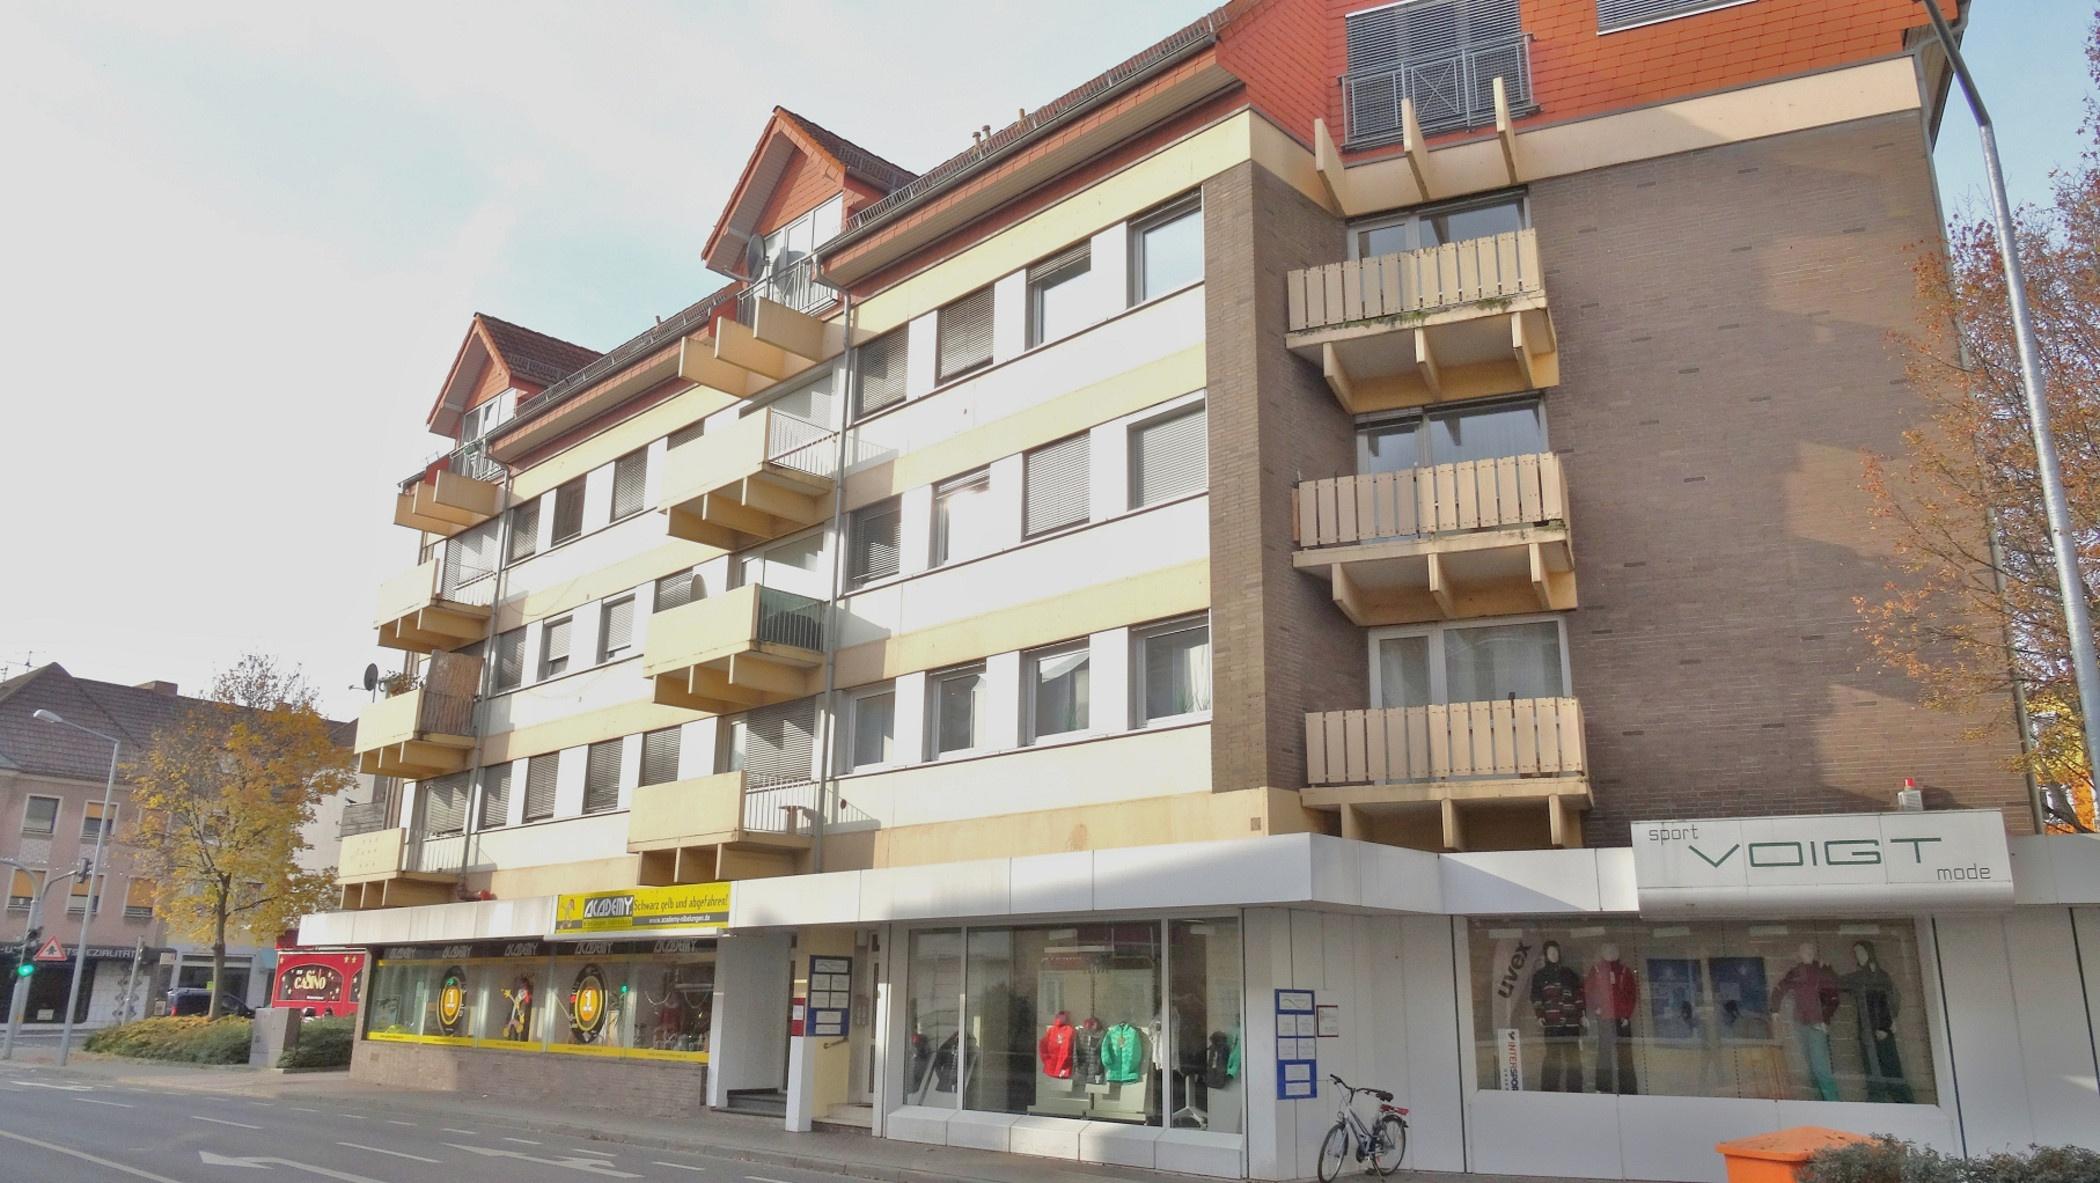 Jetzt oder nie: Investieren Sie in Betongold! Wohn- und Gewerbekomplex in absoluter Zentrumslage!, 67547 Worms, Einfamilienhaus